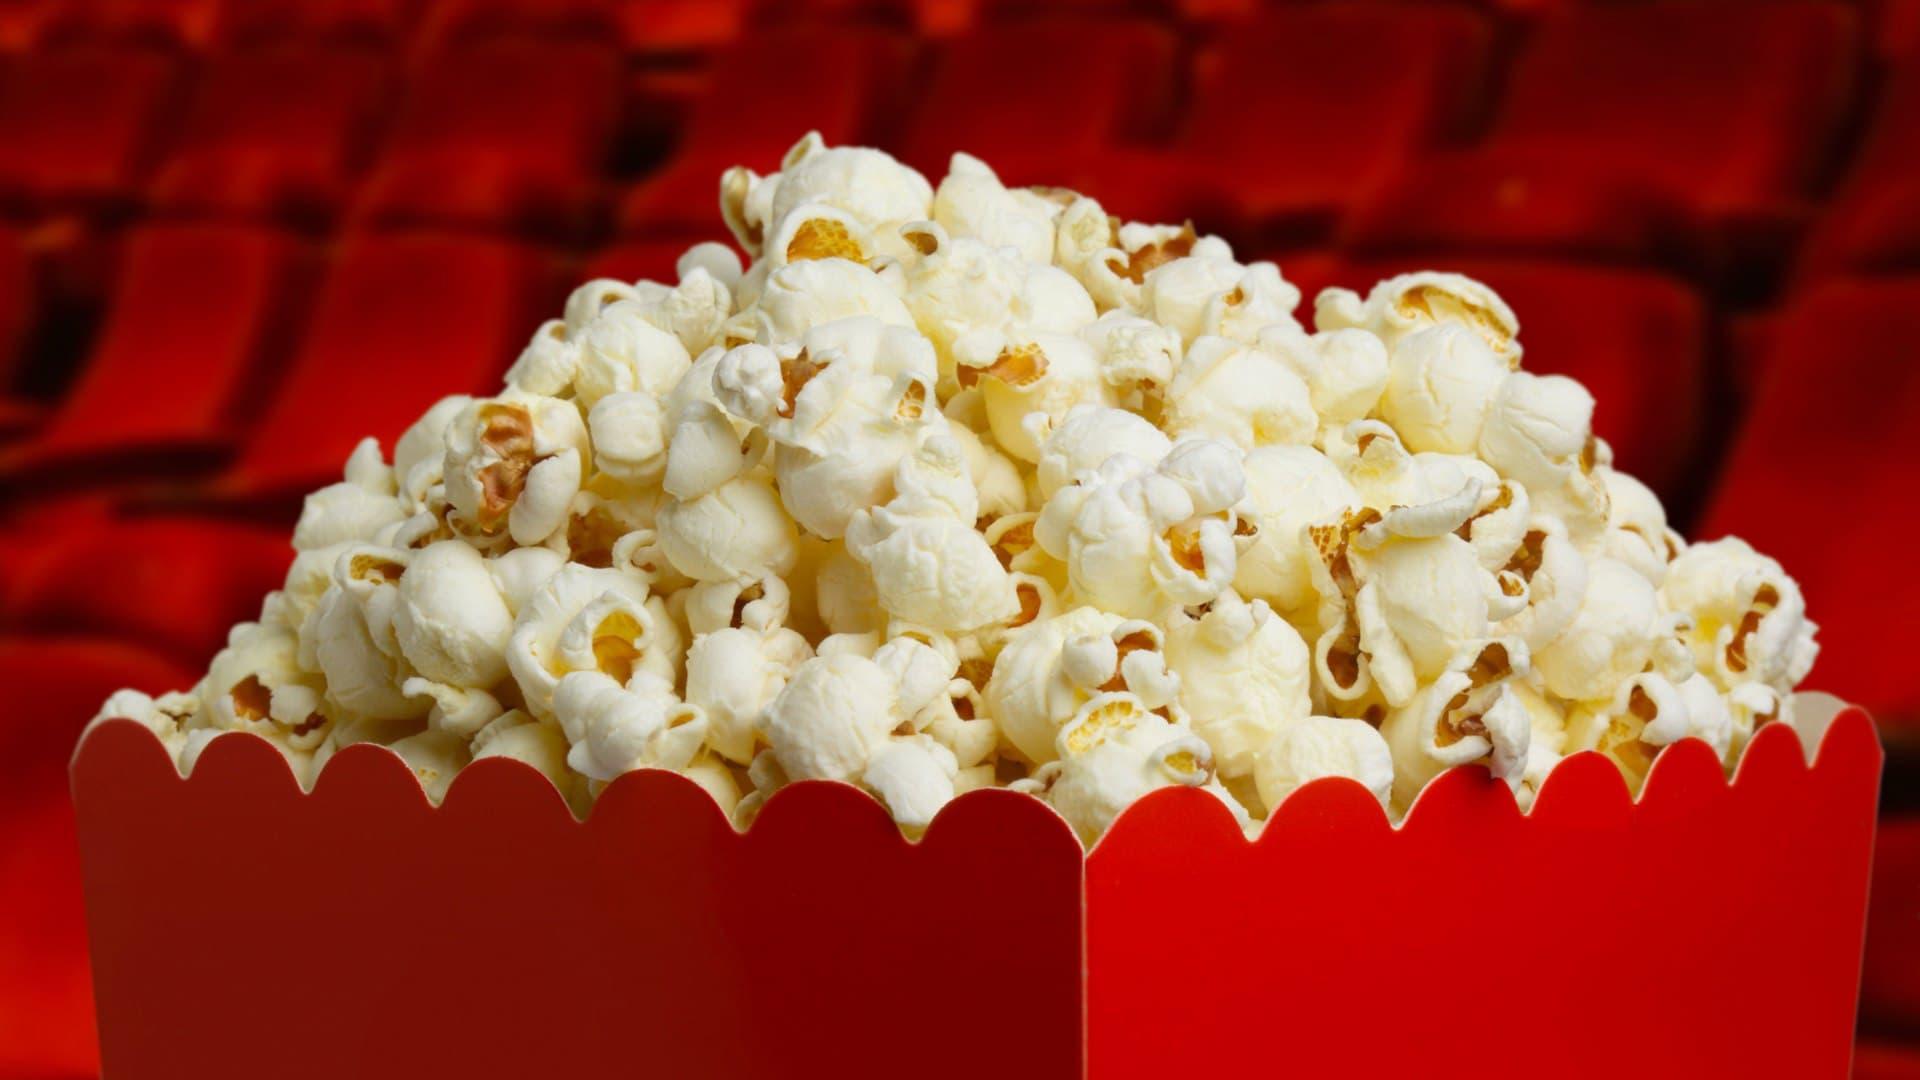 Sugar Shortage = Movie Popcorn!